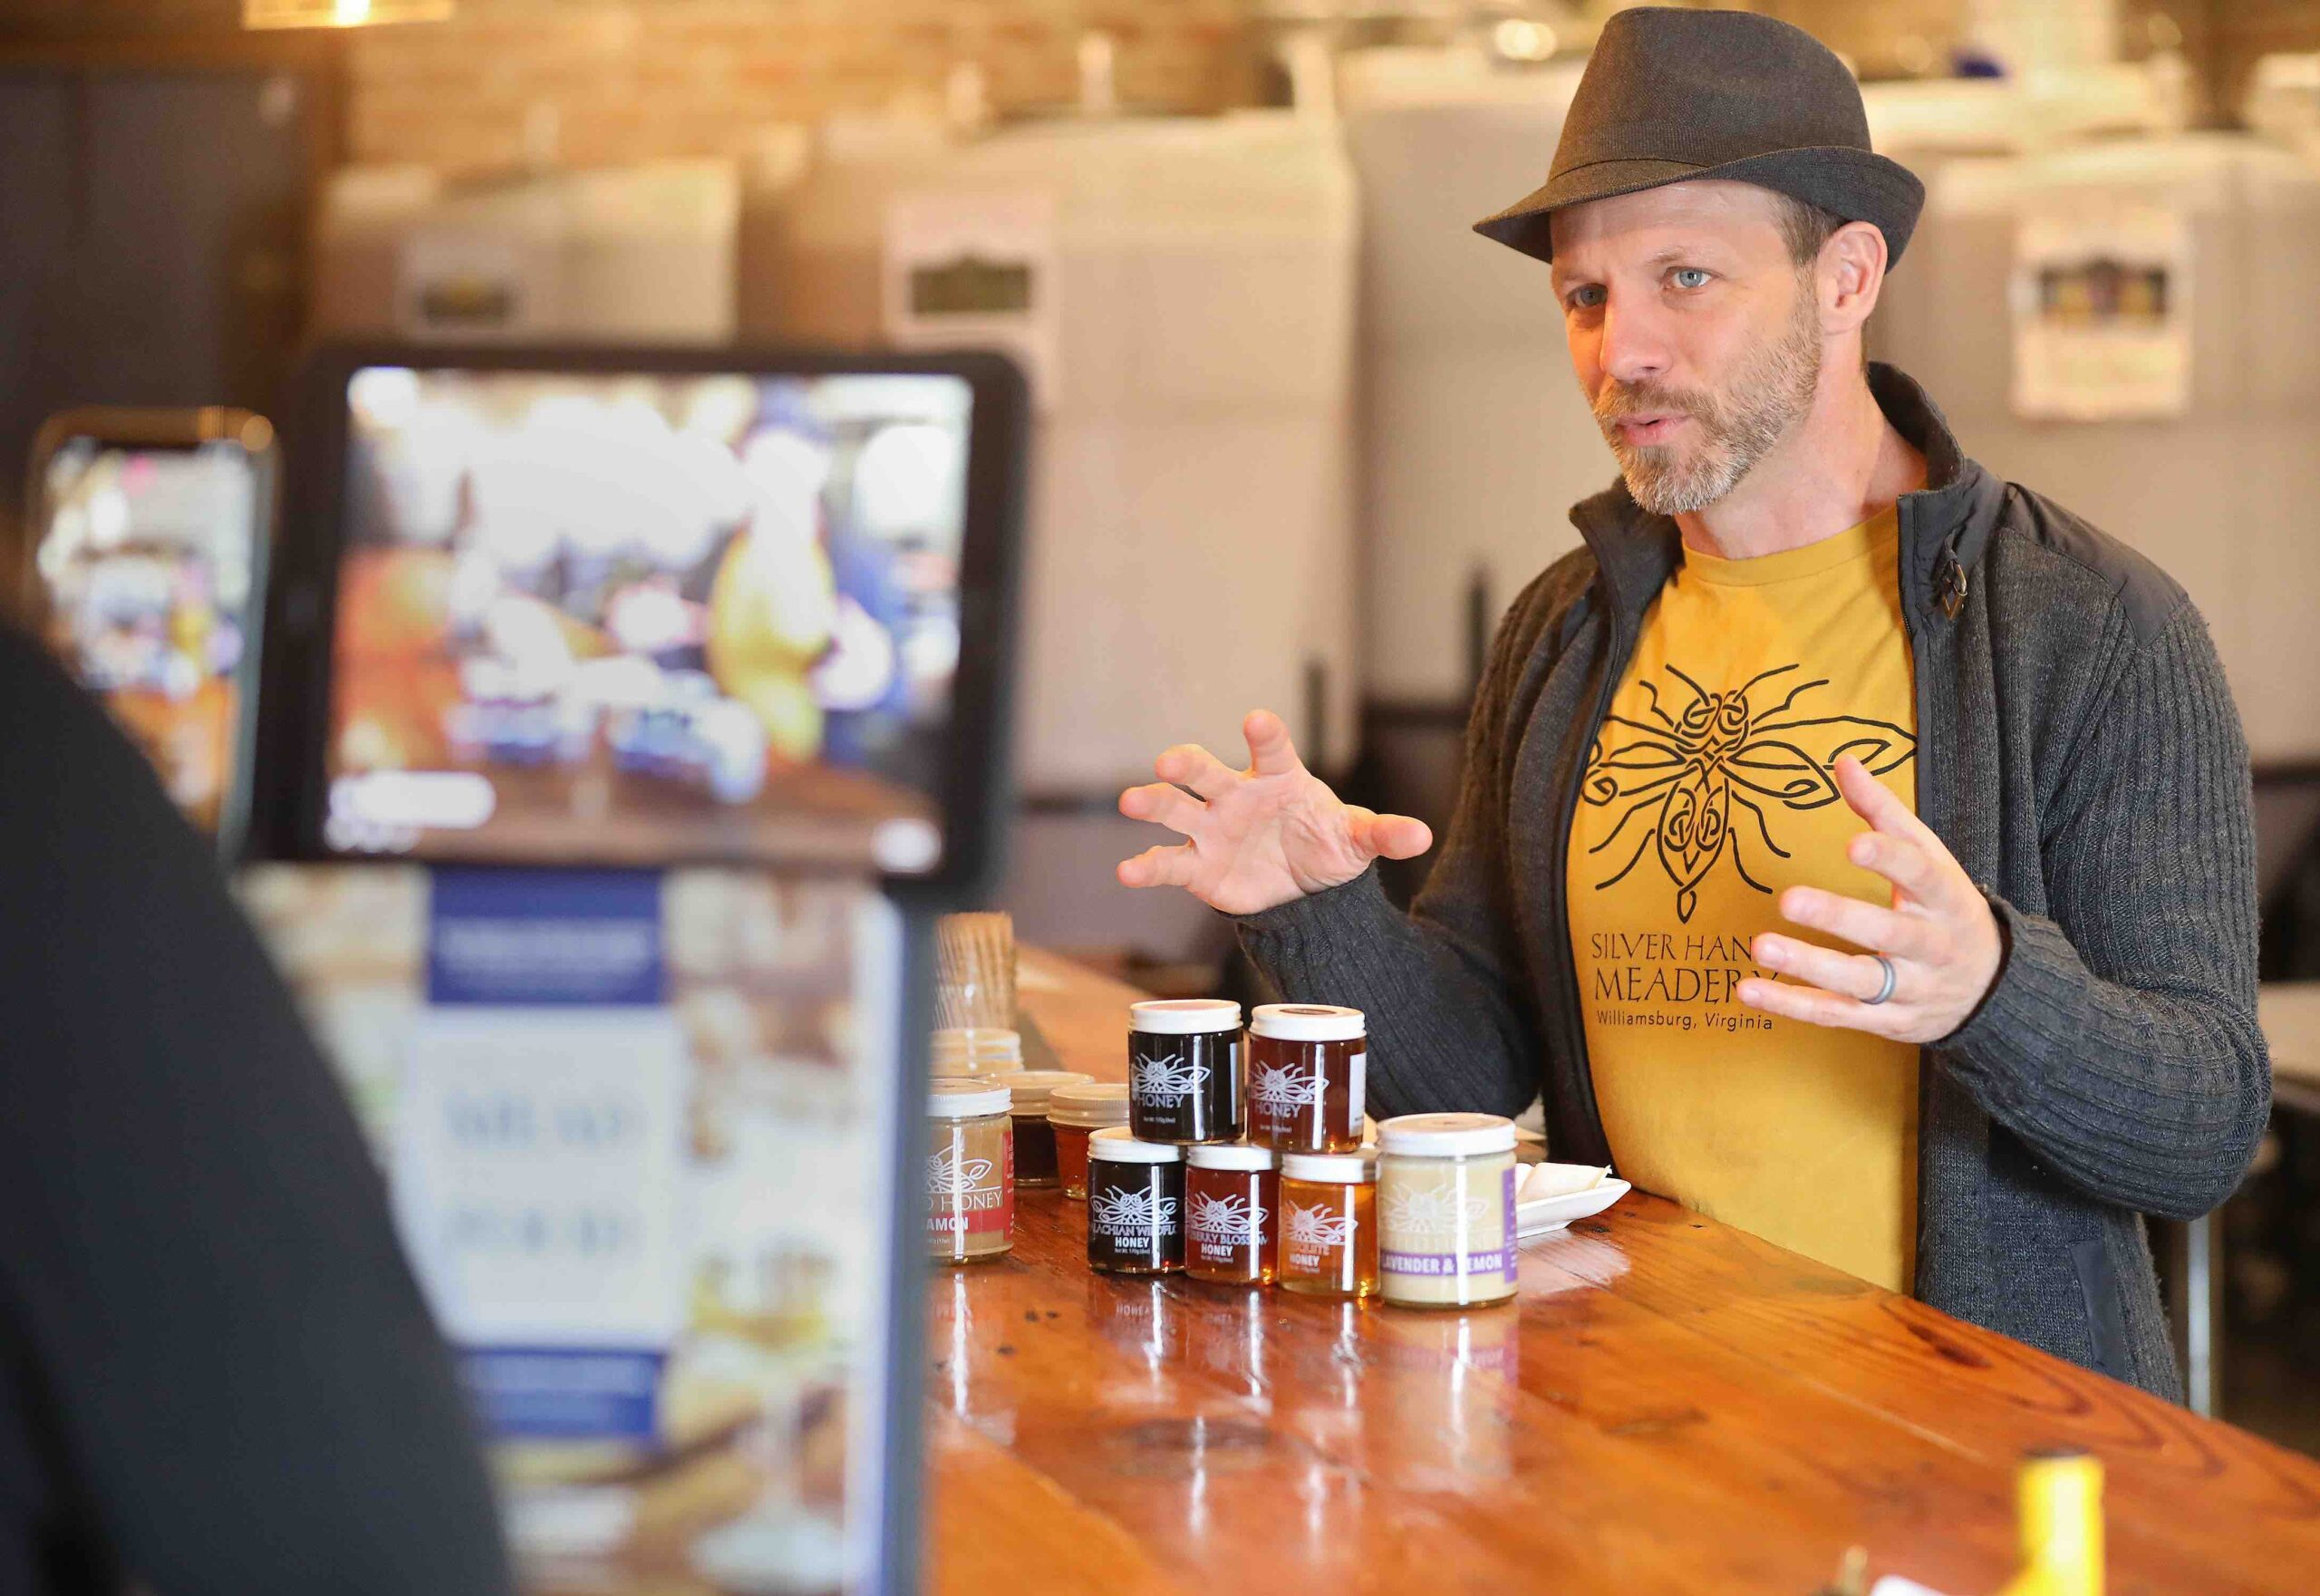 Glenn Lavender online honey tasting